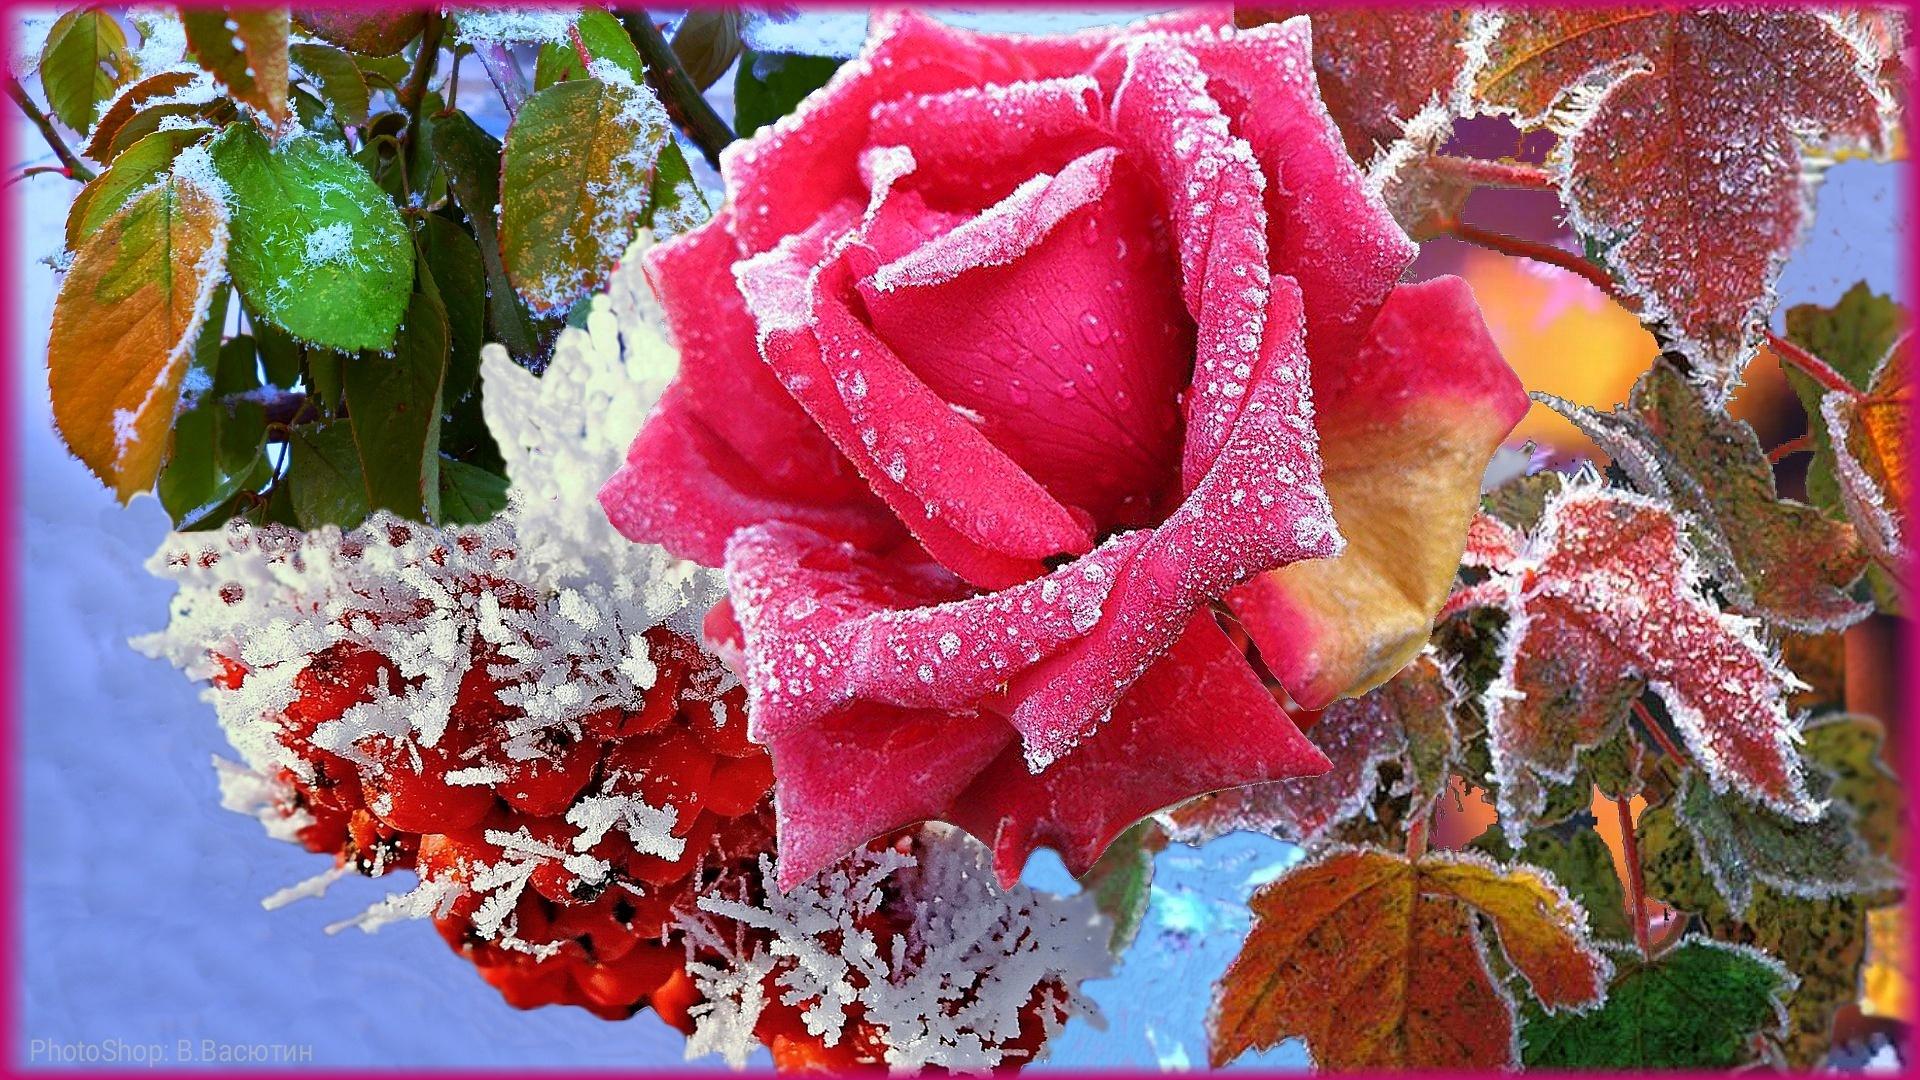 фотошоп, роза, калина, листья, изморозь, лепестки,красный,желтый,зеленый,цвета,голубое,небо